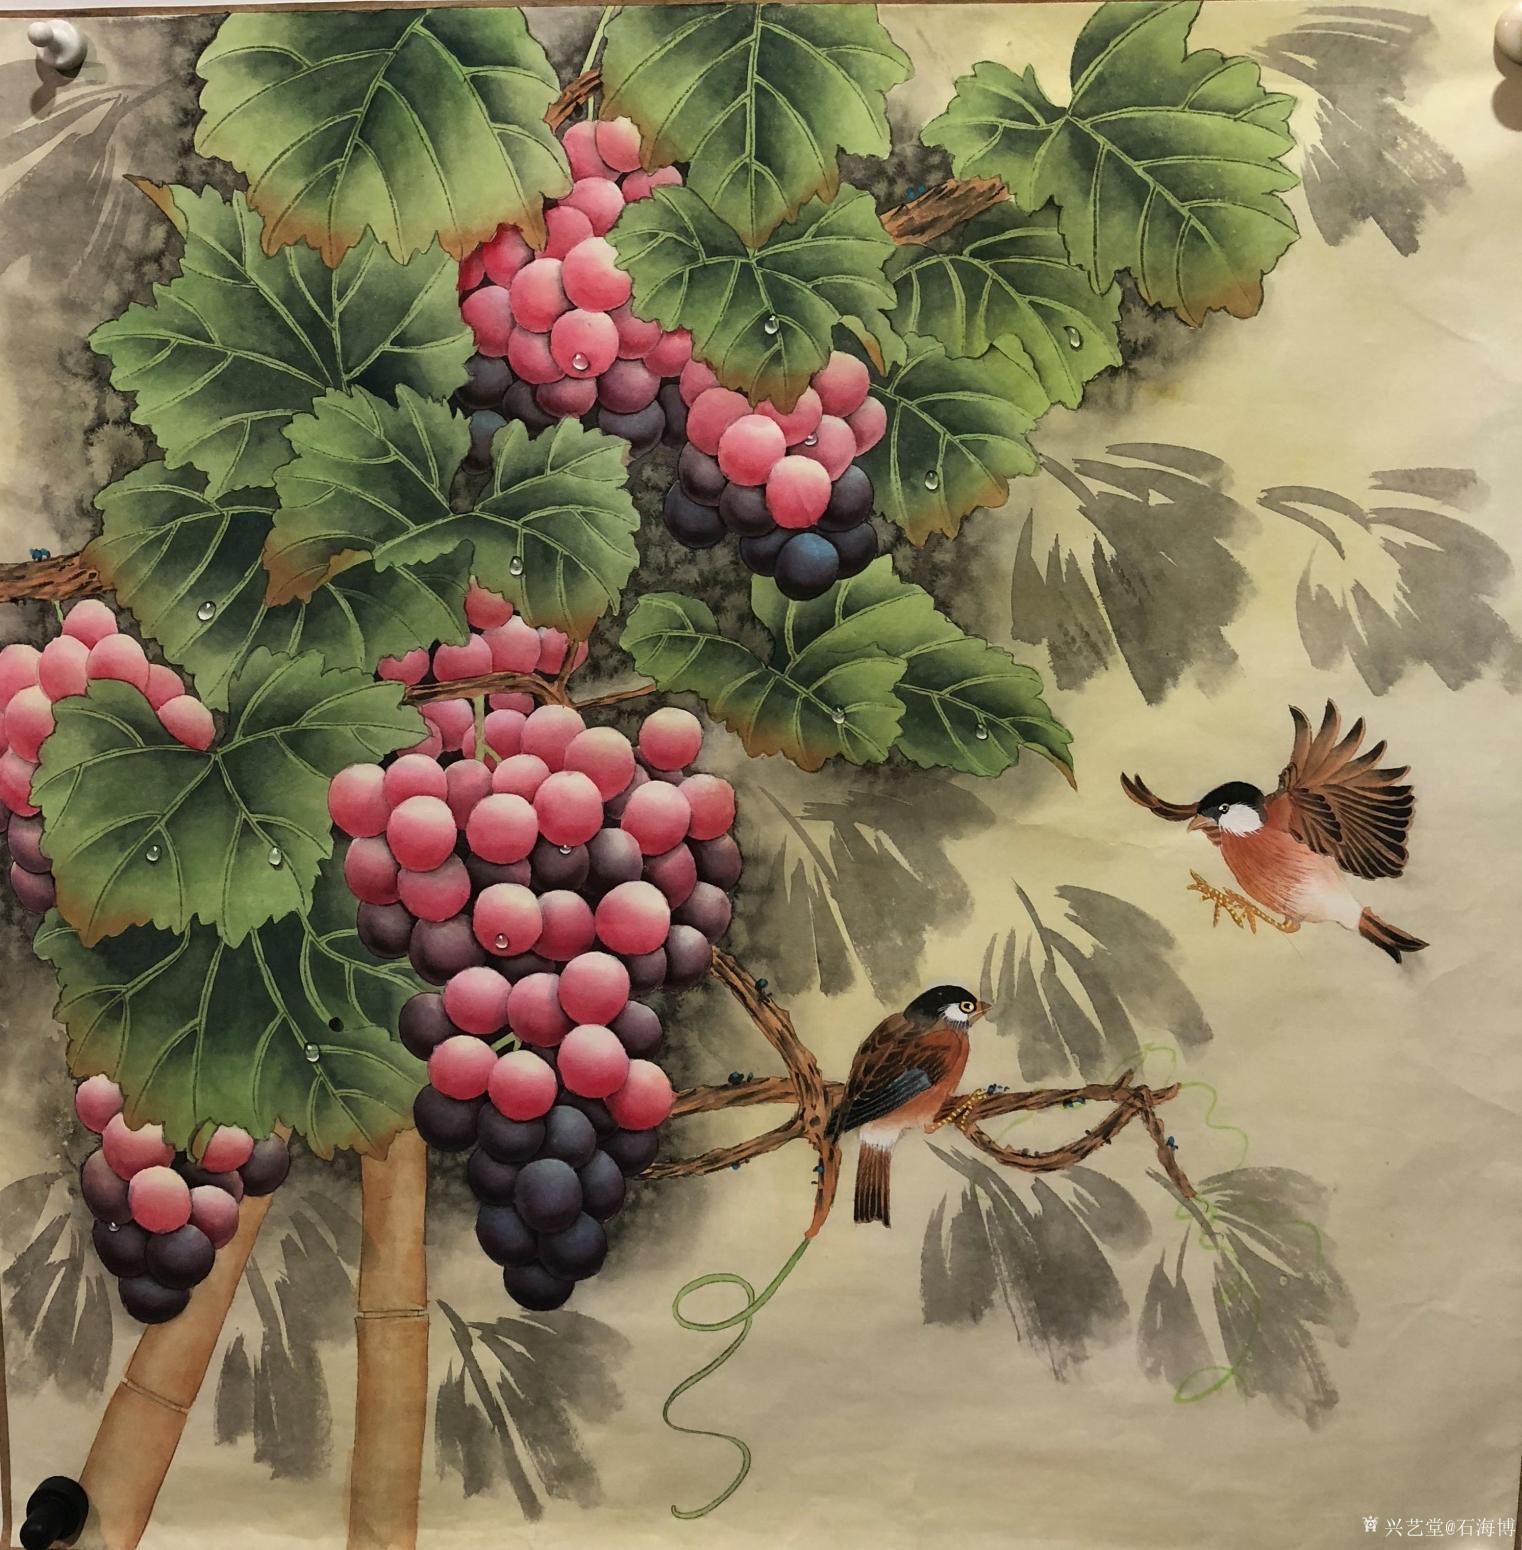 石海博国画作品《硕果飘香》